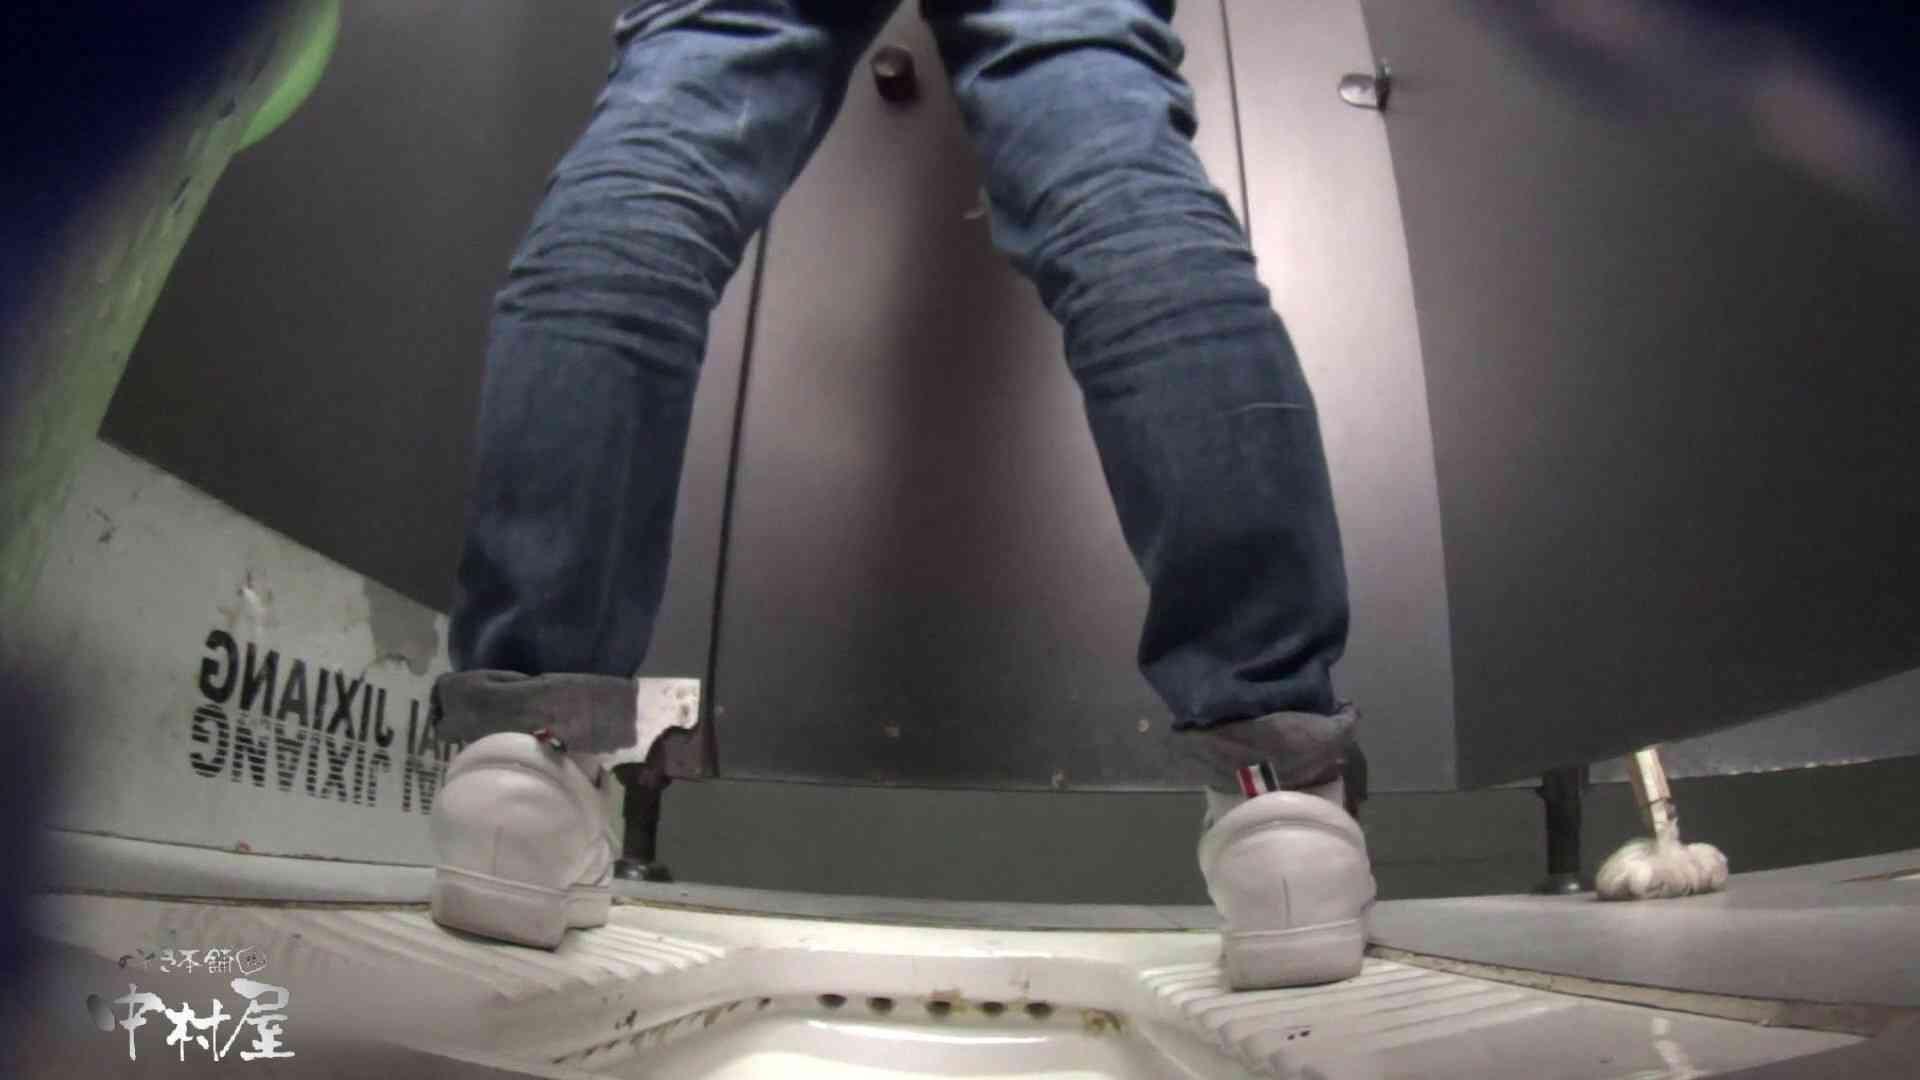 グレースパッツお女市さん 大学休憩時間の洗面所事情31 お姉さんのエロ動画 | 盗撮シリーズ  96PIX 13